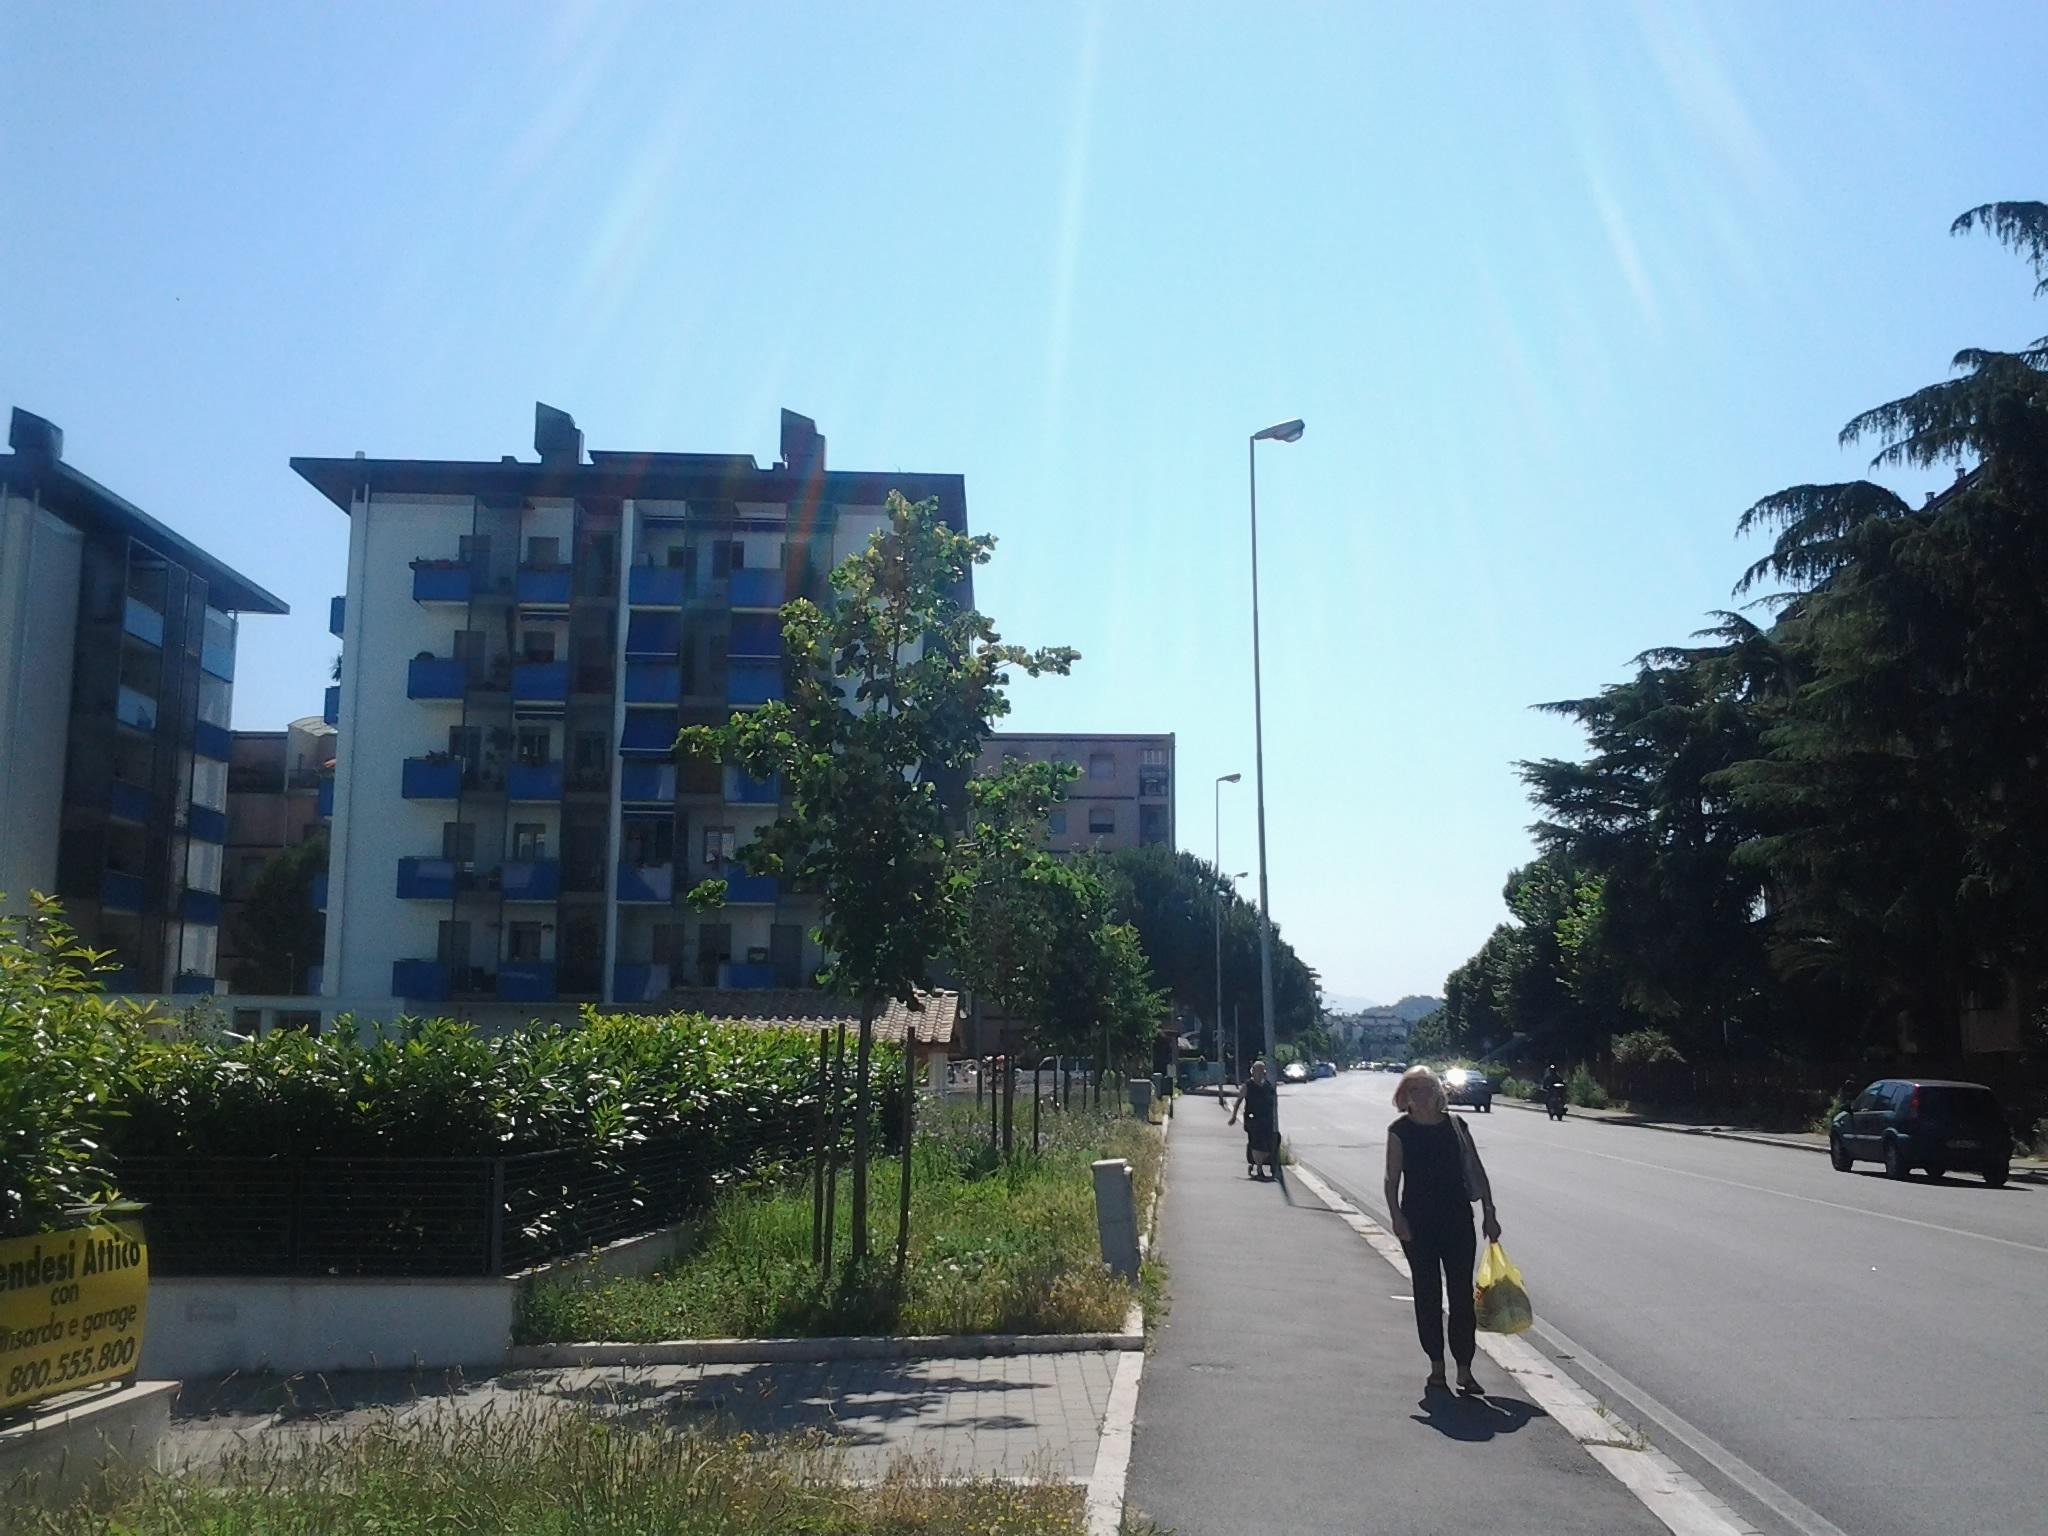 Via Canova